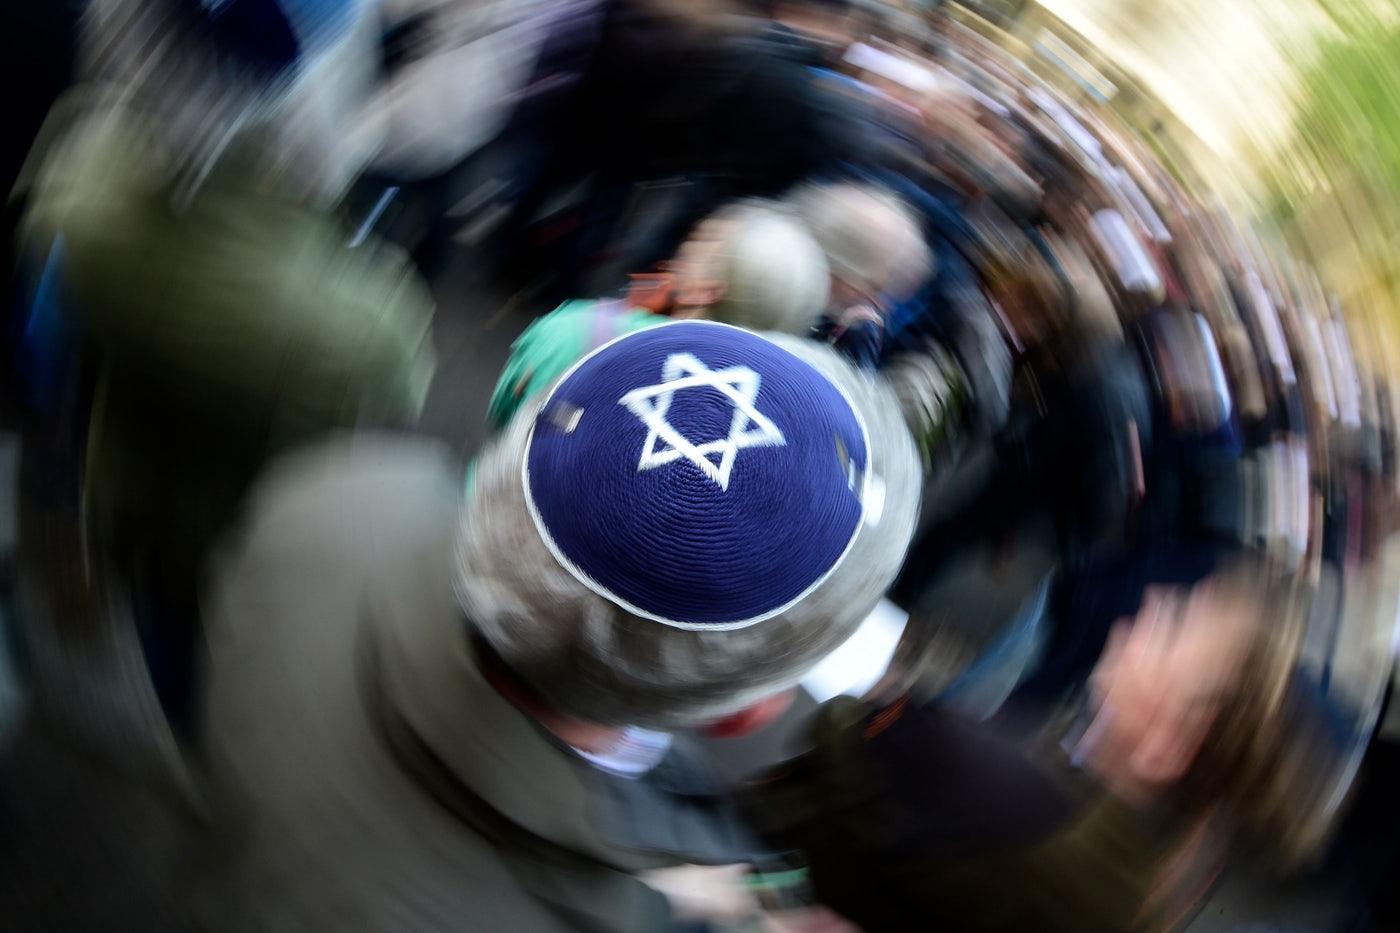 Janus-arcú antiszemitizmustól a peches egzisztenciákig — Heti Grün